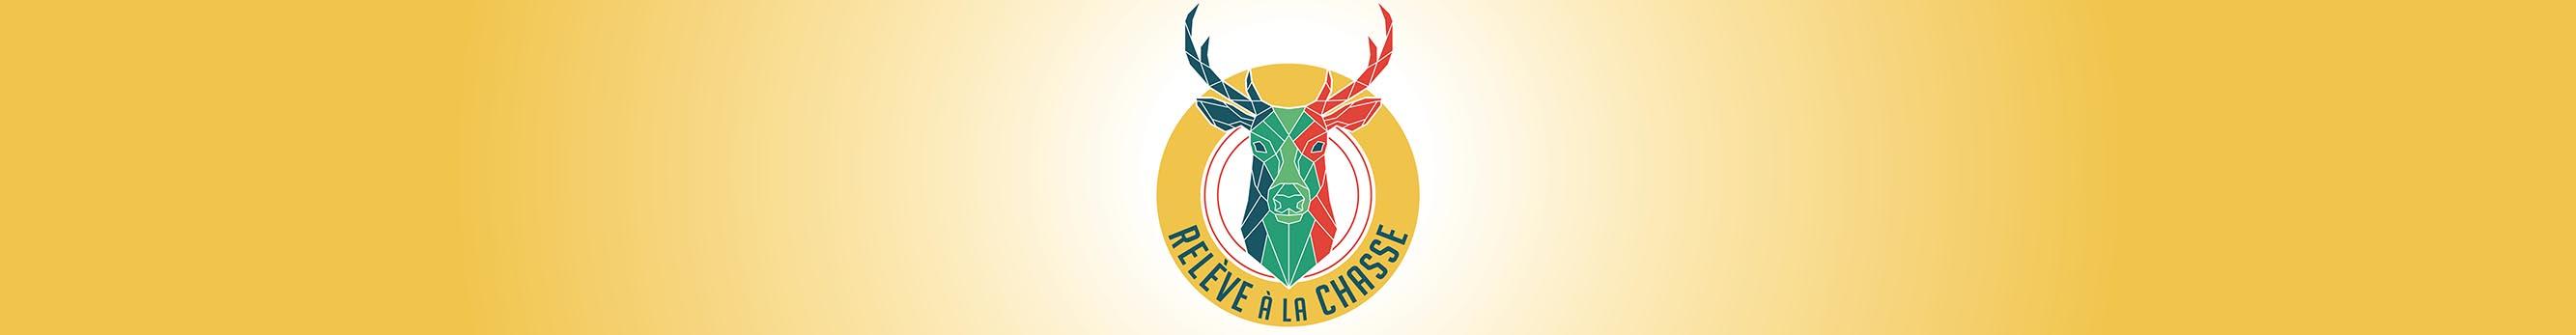 Logo de la fin de semaine de la relève à la chasse au cerf de Virginie